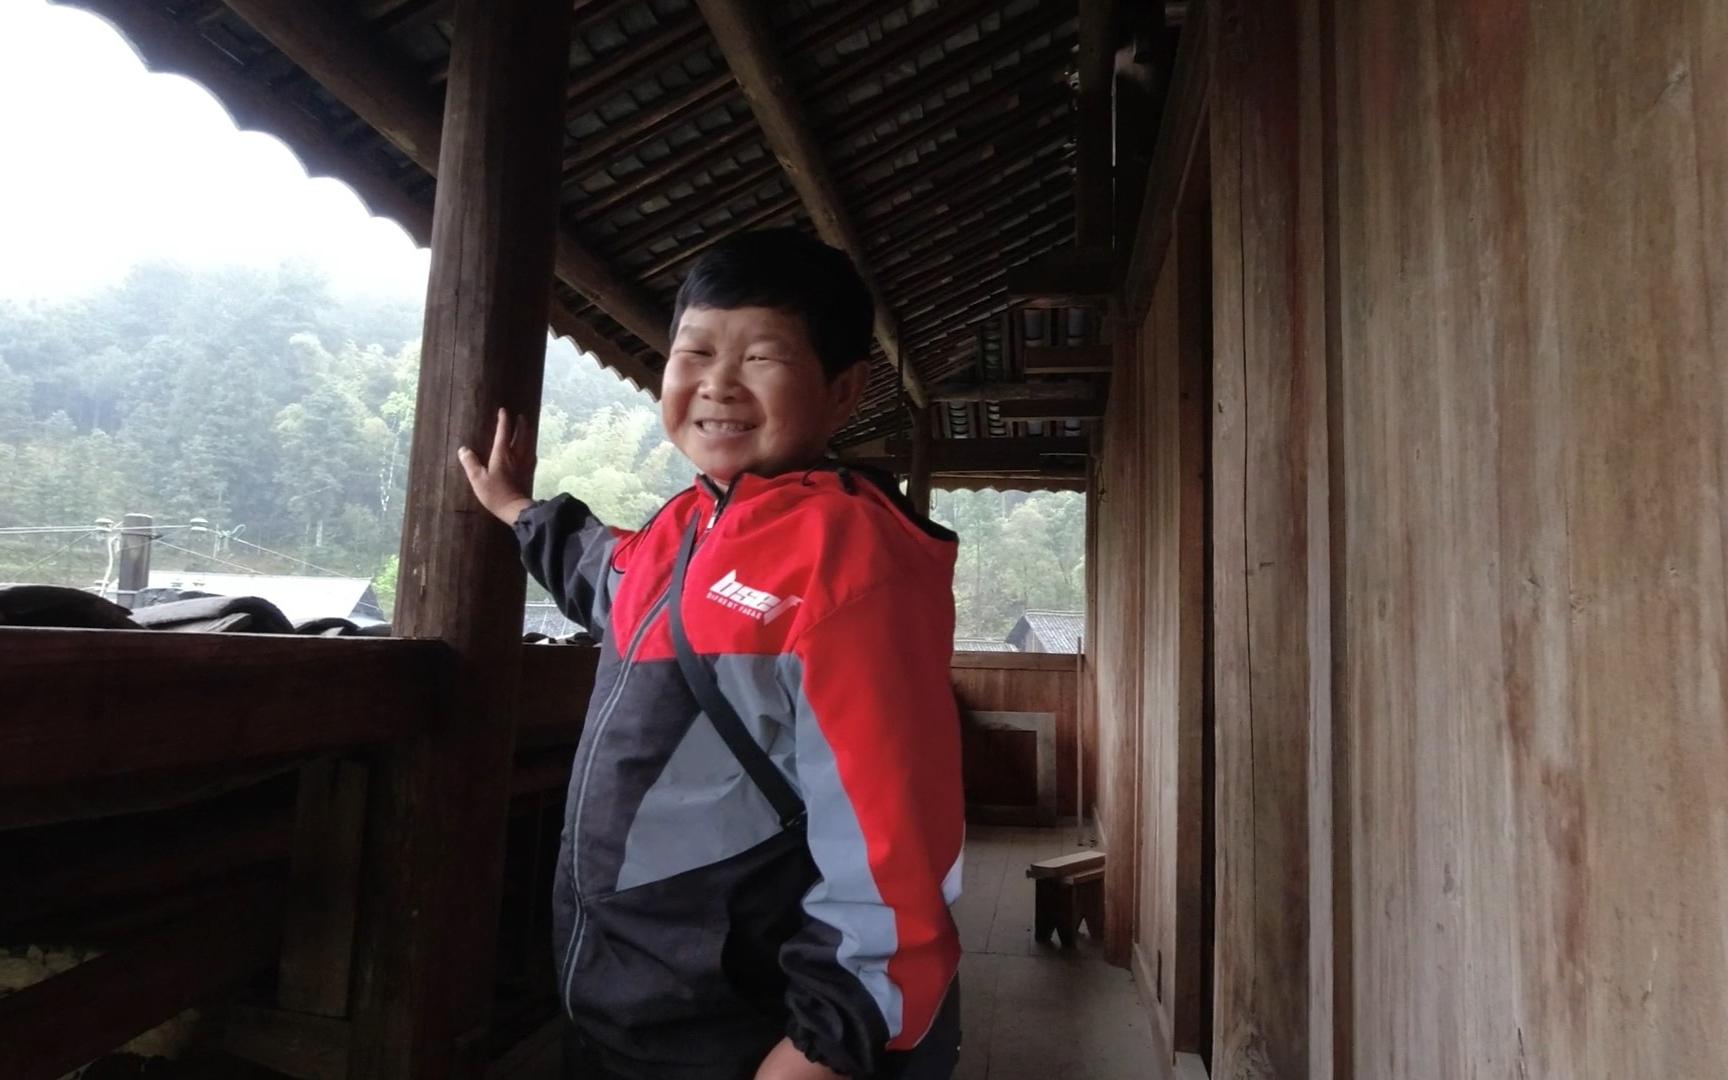 秋子带老男孩了解侗族木楼,老男孩第一次看到这样建设感慨很深